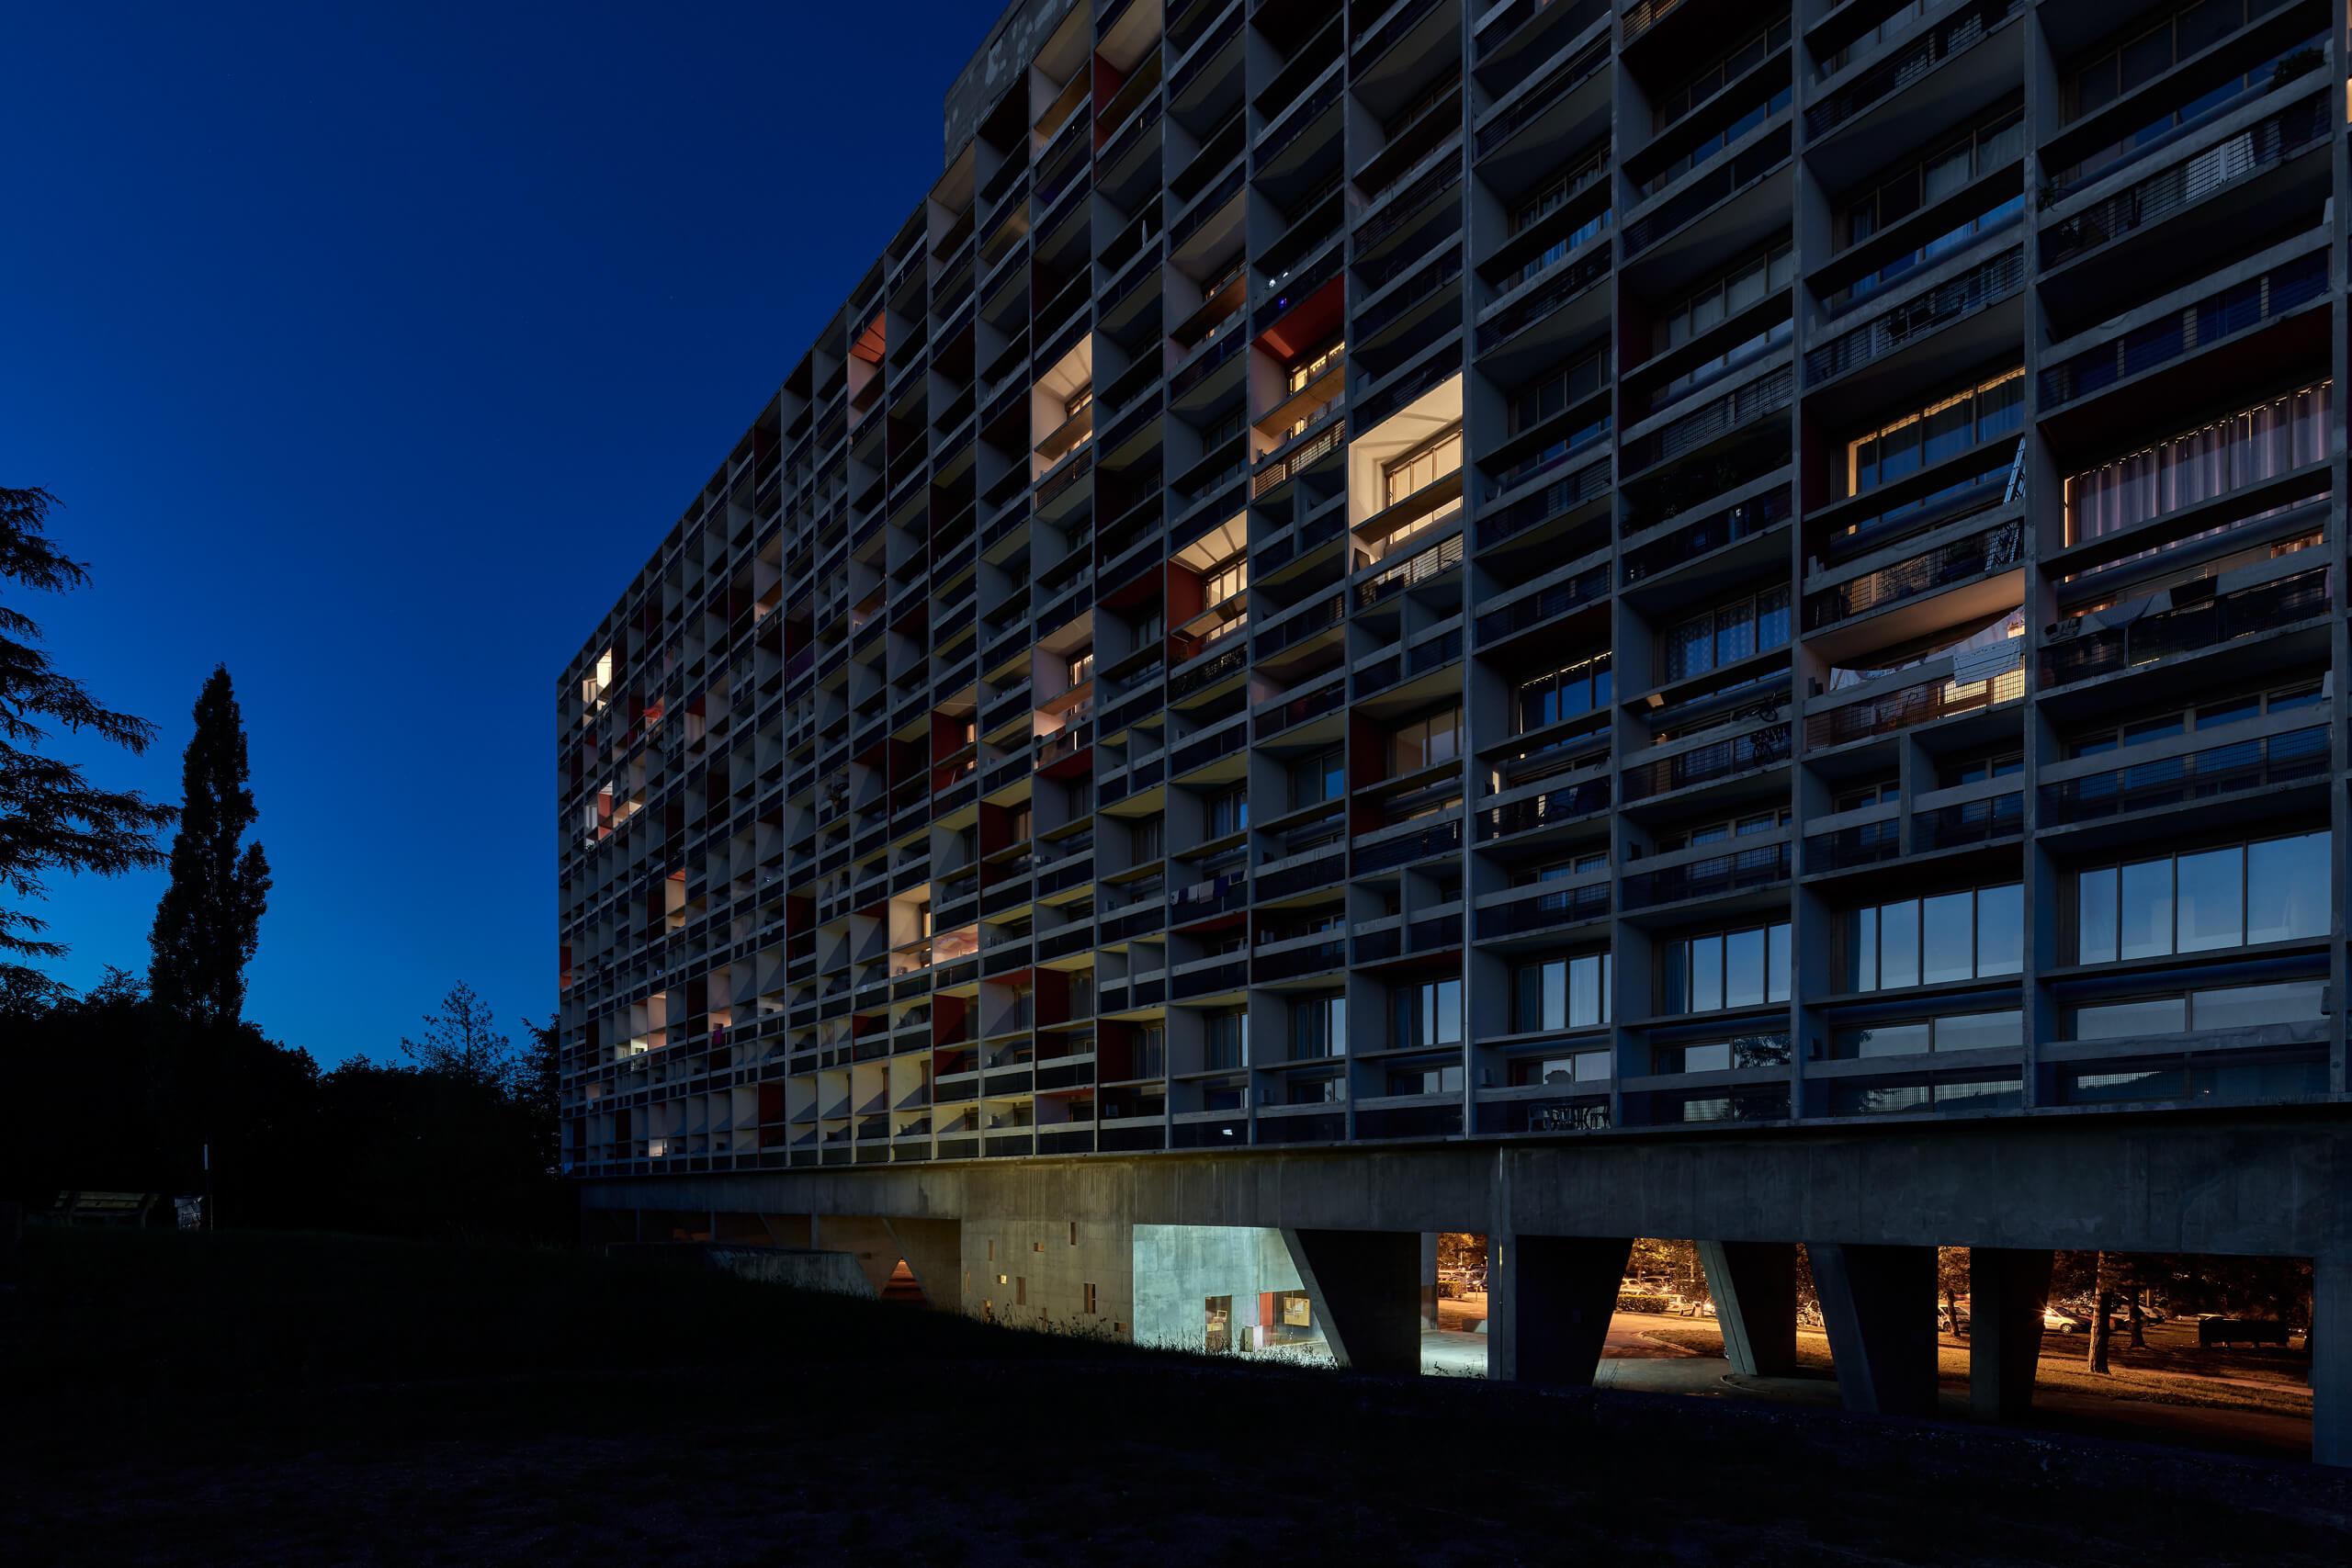 Federico_Covre_Unité_Firminy_Le_Corbusier_2018_80